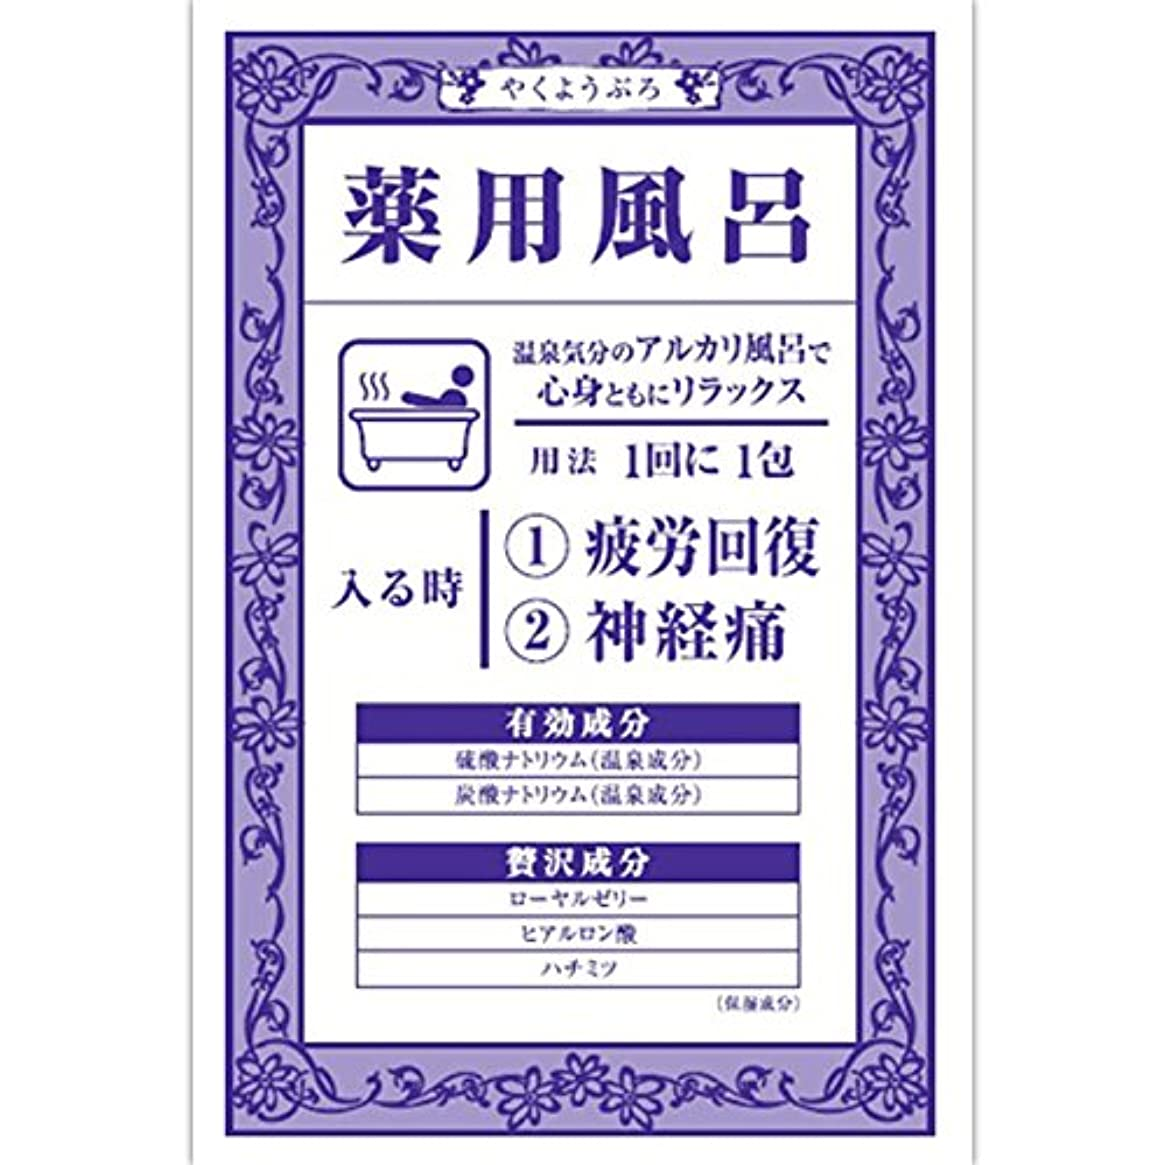 少ない毎回政治大山 薬用風呂KKd(疲労回復?神経痛) 40G(医薬部外品)